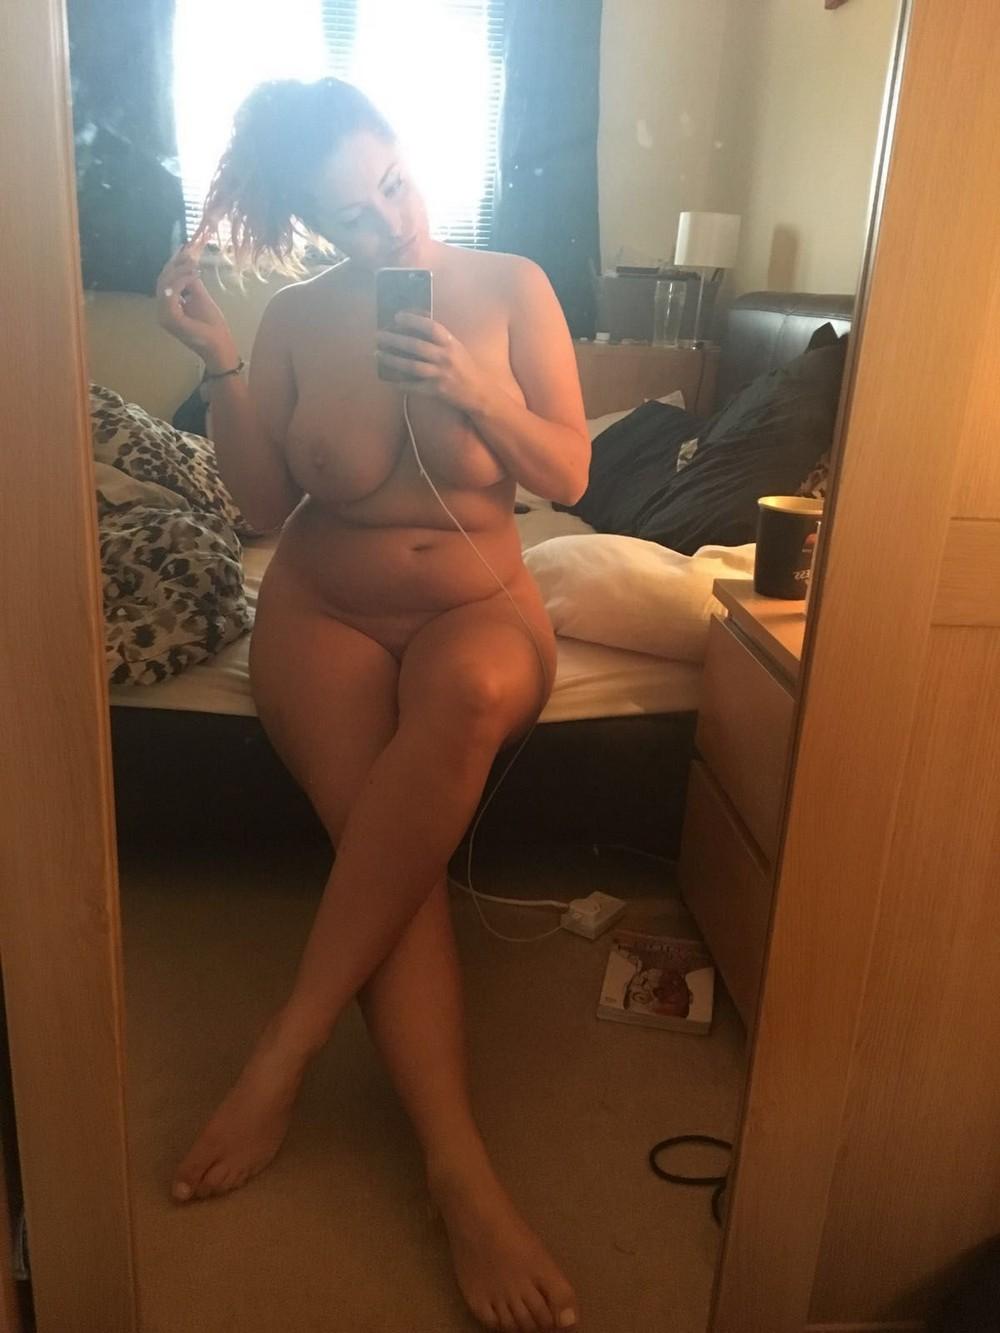 Приватные фото Люси Коллетт попали в сеть